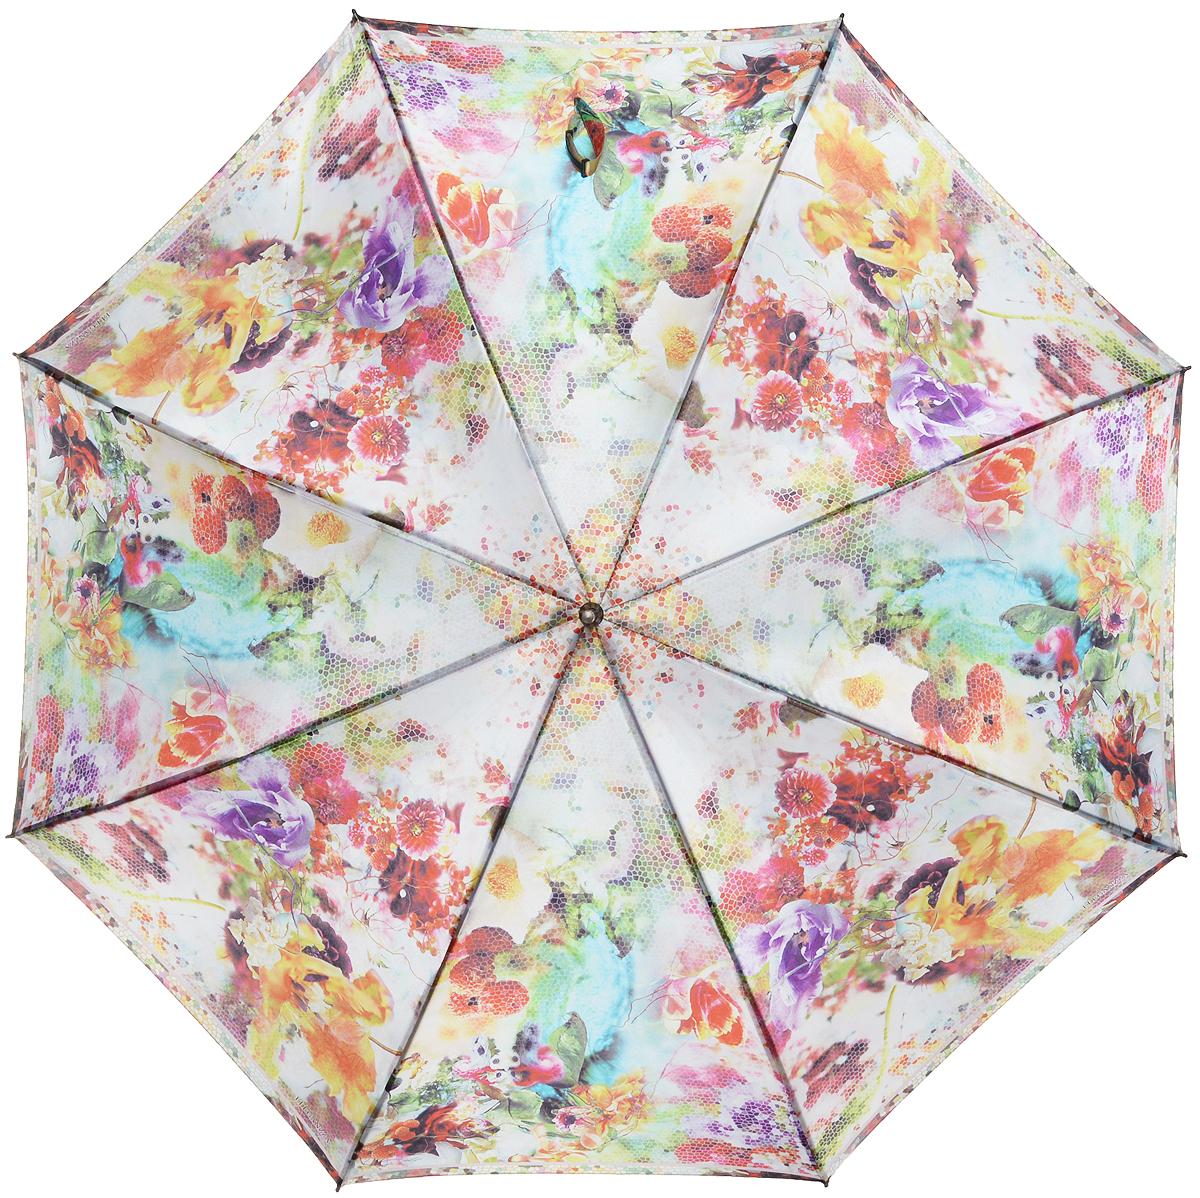 Зонт-трость женский Eleganzza, полуавтомат, 3 сложения, цвет: мультиколор. T-06-0304T-06-0304Элегантный женский зонт-трость Eleganzza не оставит вас незамеченной. Изделие оформлено оригинальным принтом в виде цветов. Зонт состоит из восьми спиц и стержня, изготовленных из стали и фибергласса. Купол выполнен из качественного полиэстера и сатина, которые не пропускают воду. Зонт дополнен удобной ручкой из акрила, которая имеет форму крючка. Также зонт имеет заостренный наконечник, который устраняет попадание воды на стержень и уберегает зонт от повреждений. Изделие имеет полуавтоматический механизм сложения: купол открывается нажатием кнопки на ручке, а складывается вручную до характерного щелчка. Оригинальный и практичный аксессуар даже в ненастную погоду позволит вам оставаться женственной и привлекательной.